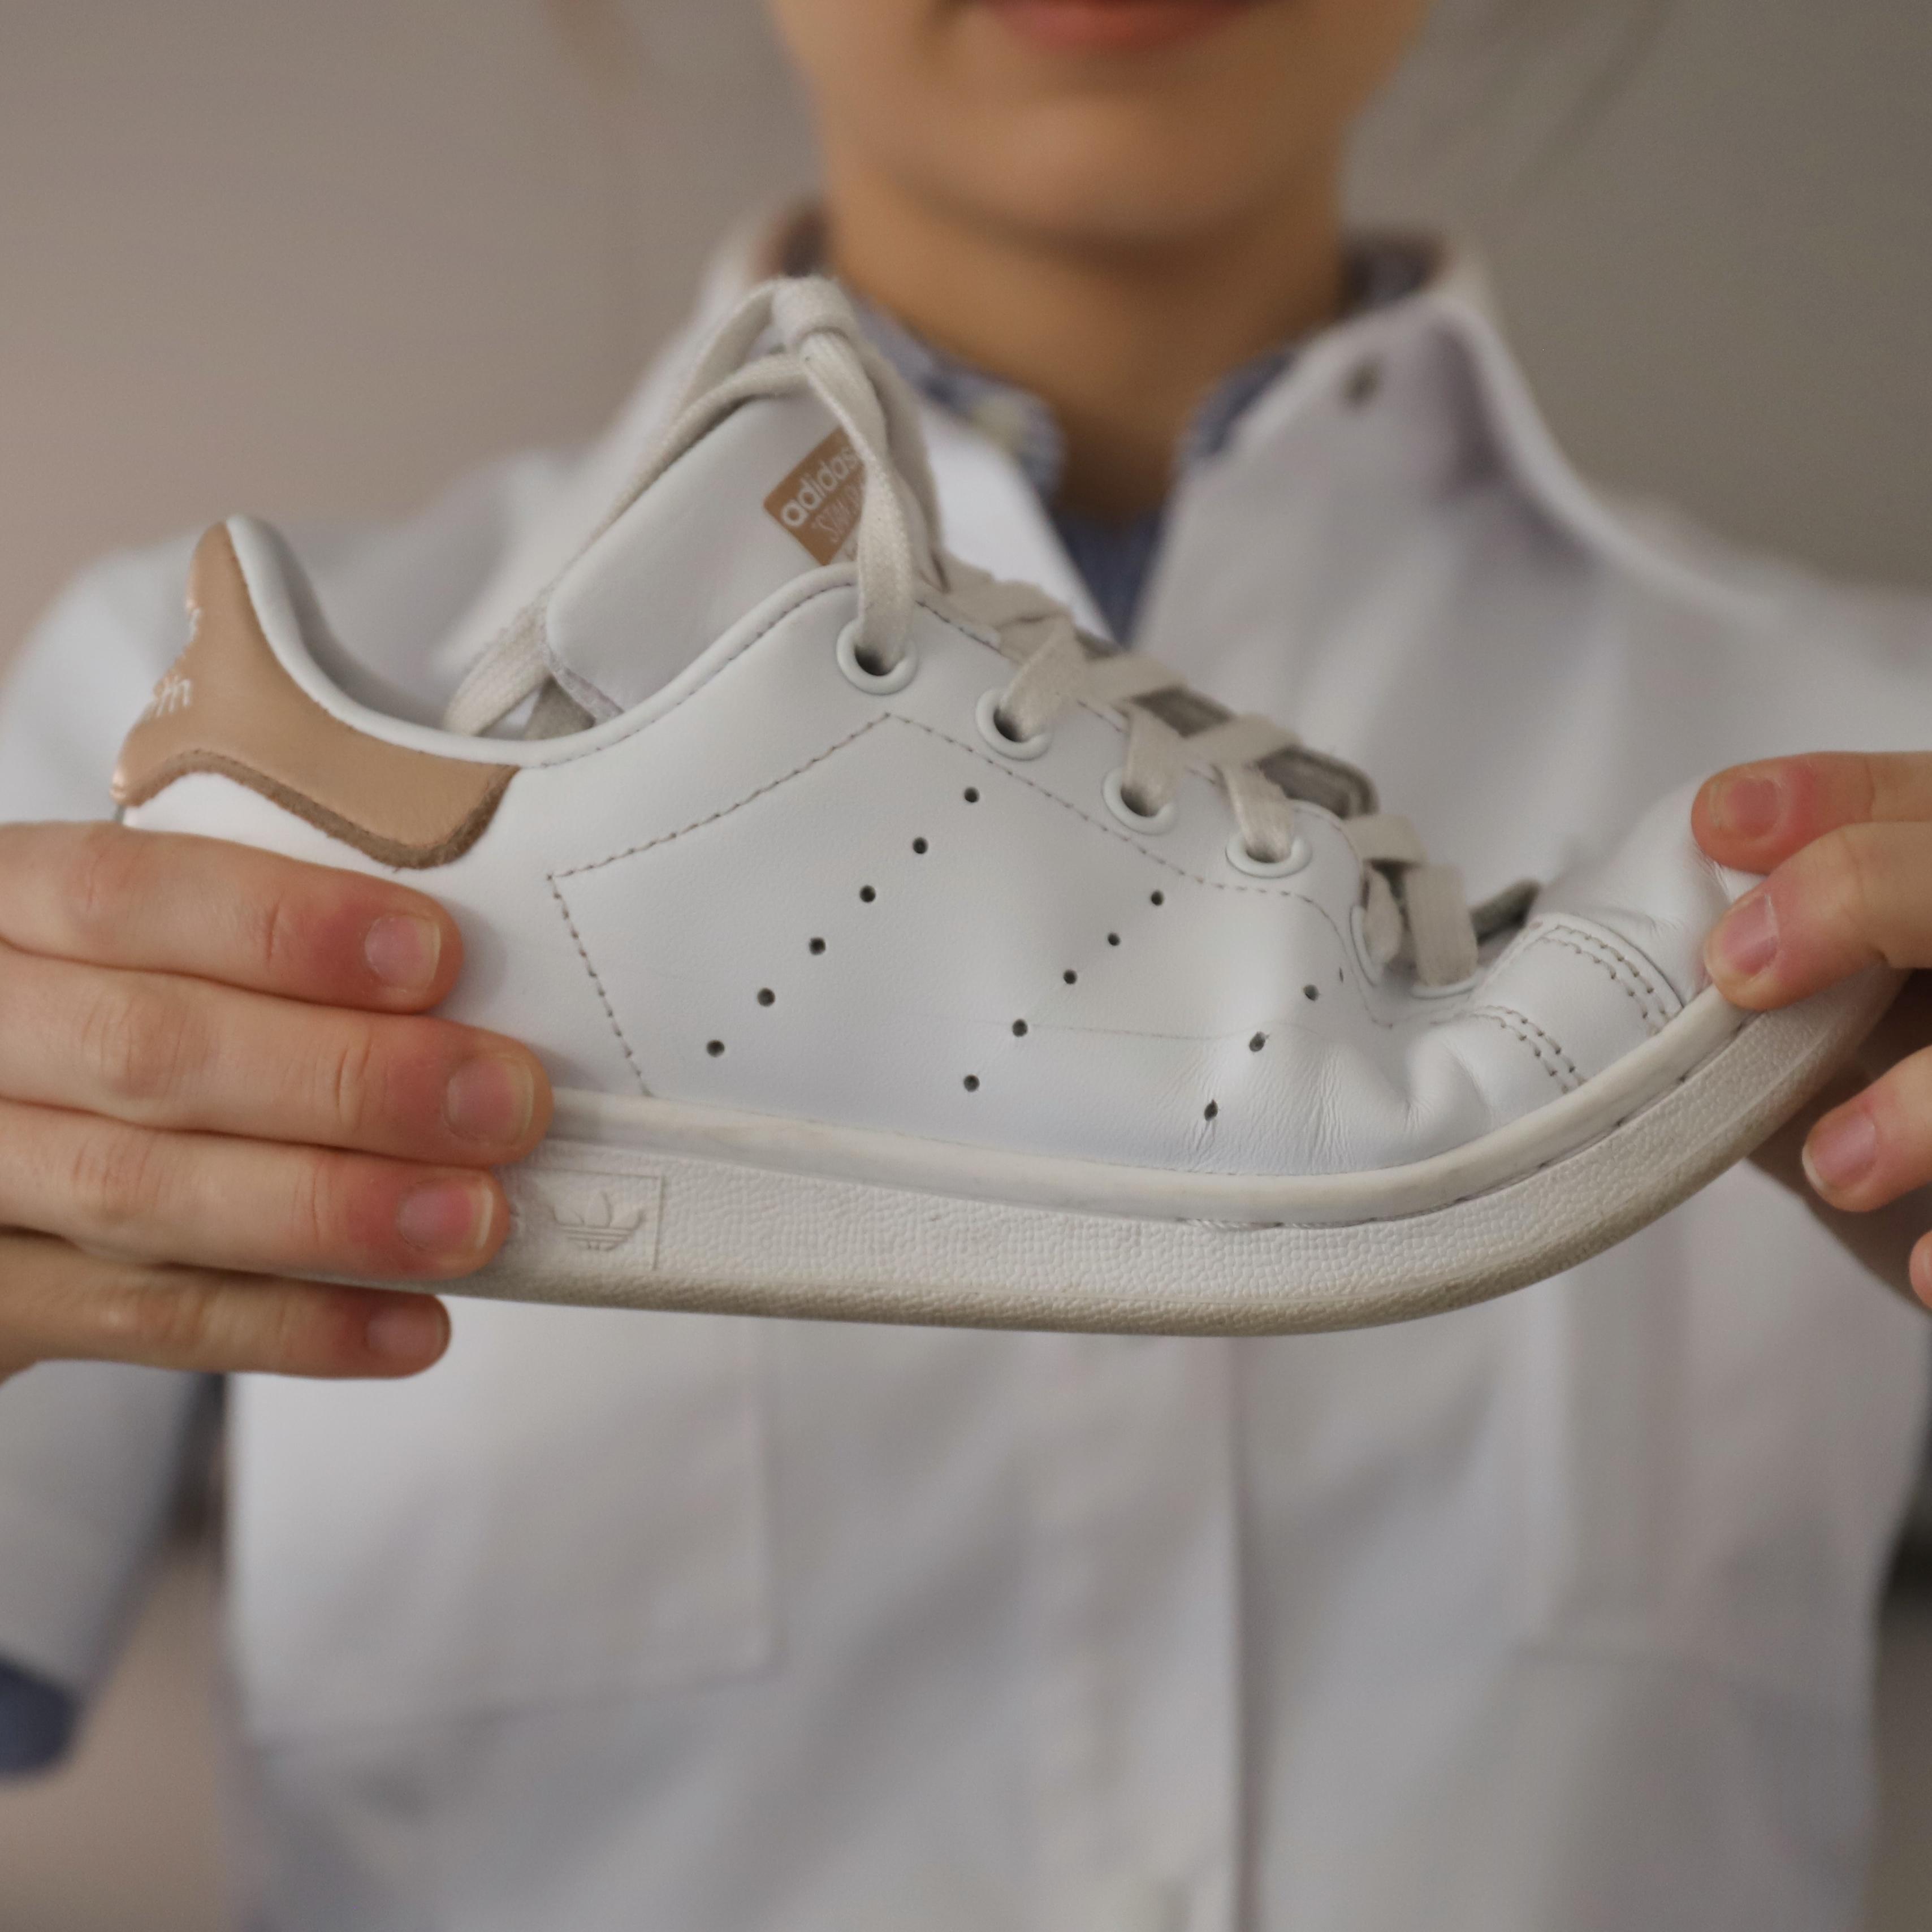 2. Schoeninspectie